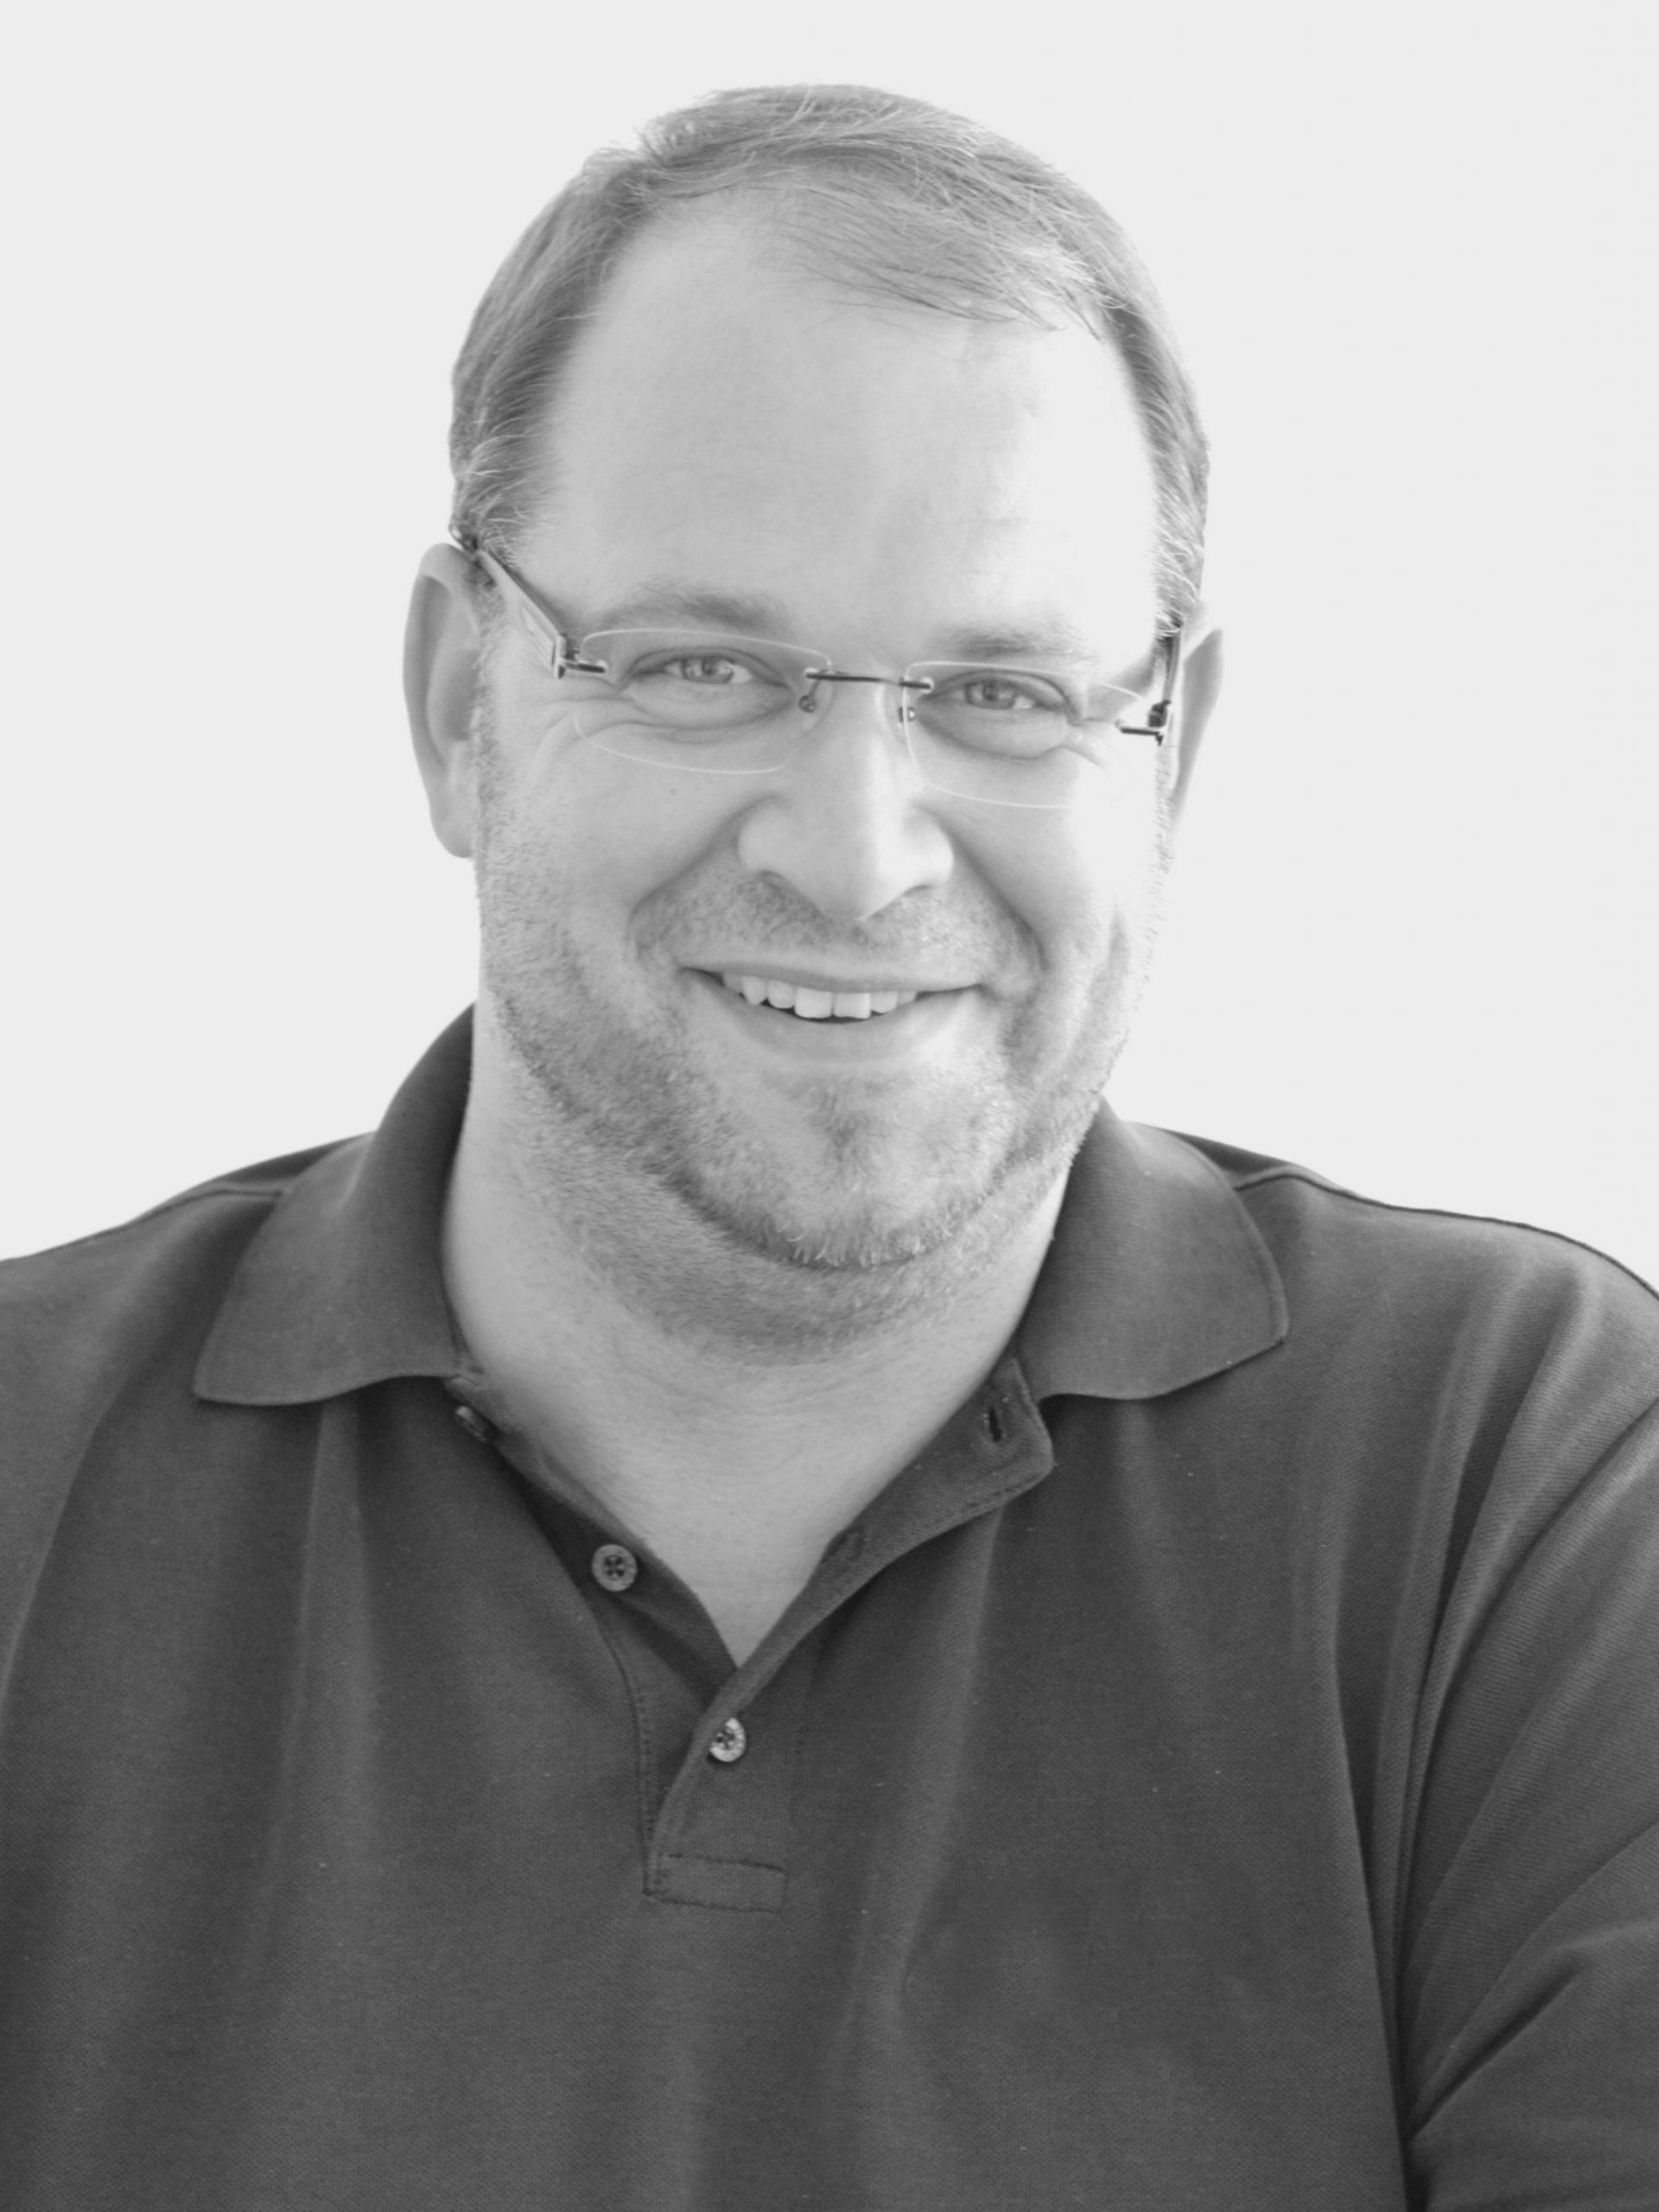 David Peupelmann